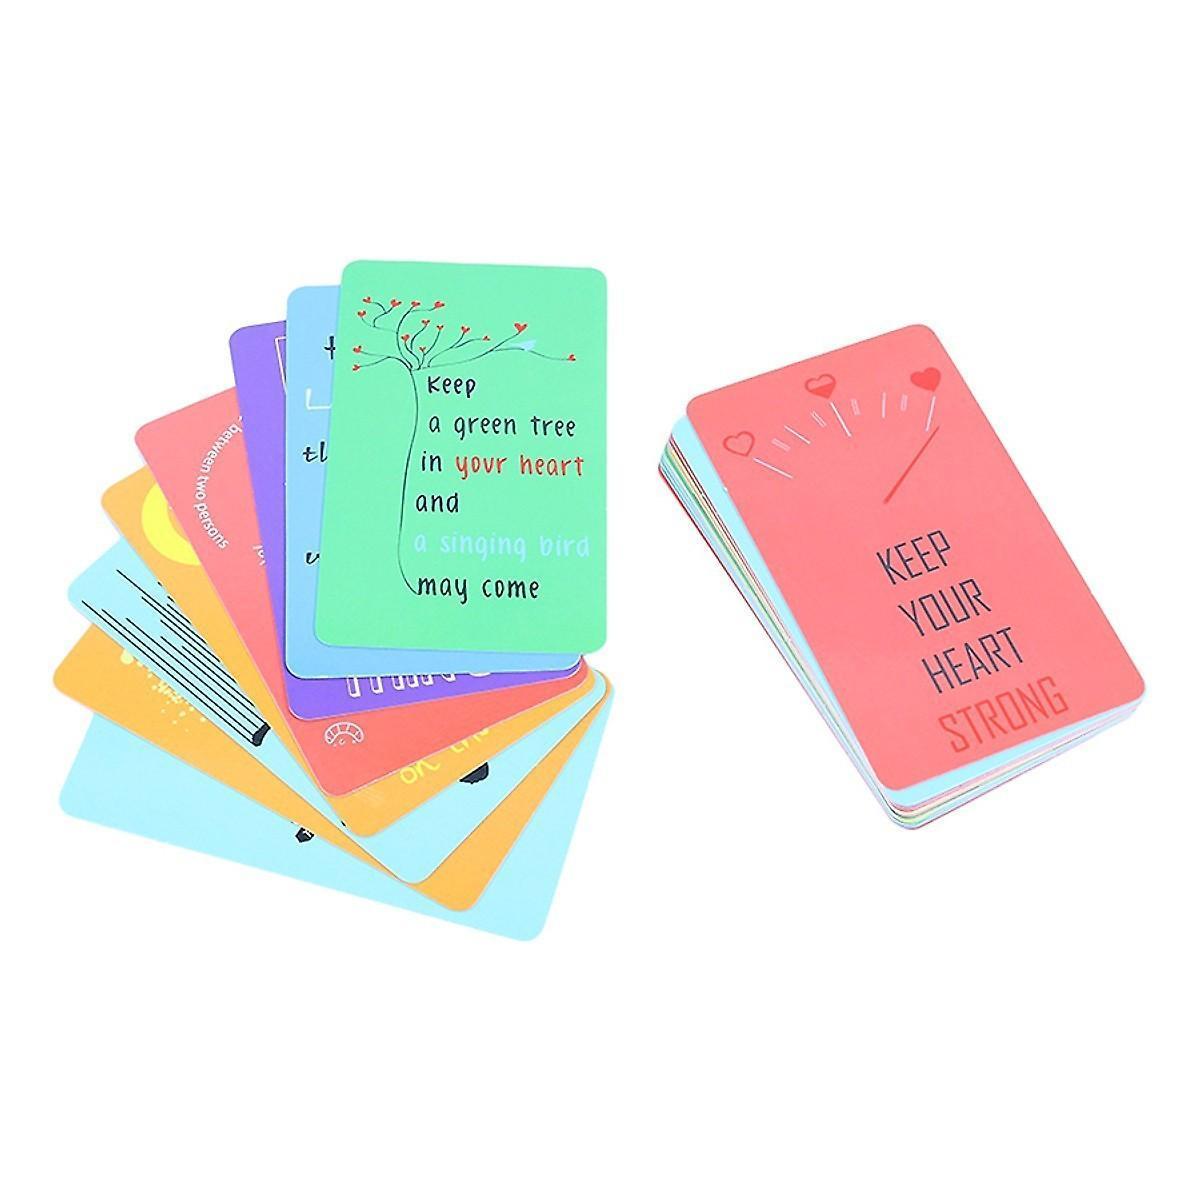 Combo Kĩ Năng Phát Triển Sự Nghiệp Bán Hàng: 12 Tuyệt Kỹ Bán Hàng +  Bán Hàng Bằng Trái Tim/ Sách Làm Kinh Tế Giỏi ( Tặng Bookmark Love Life)